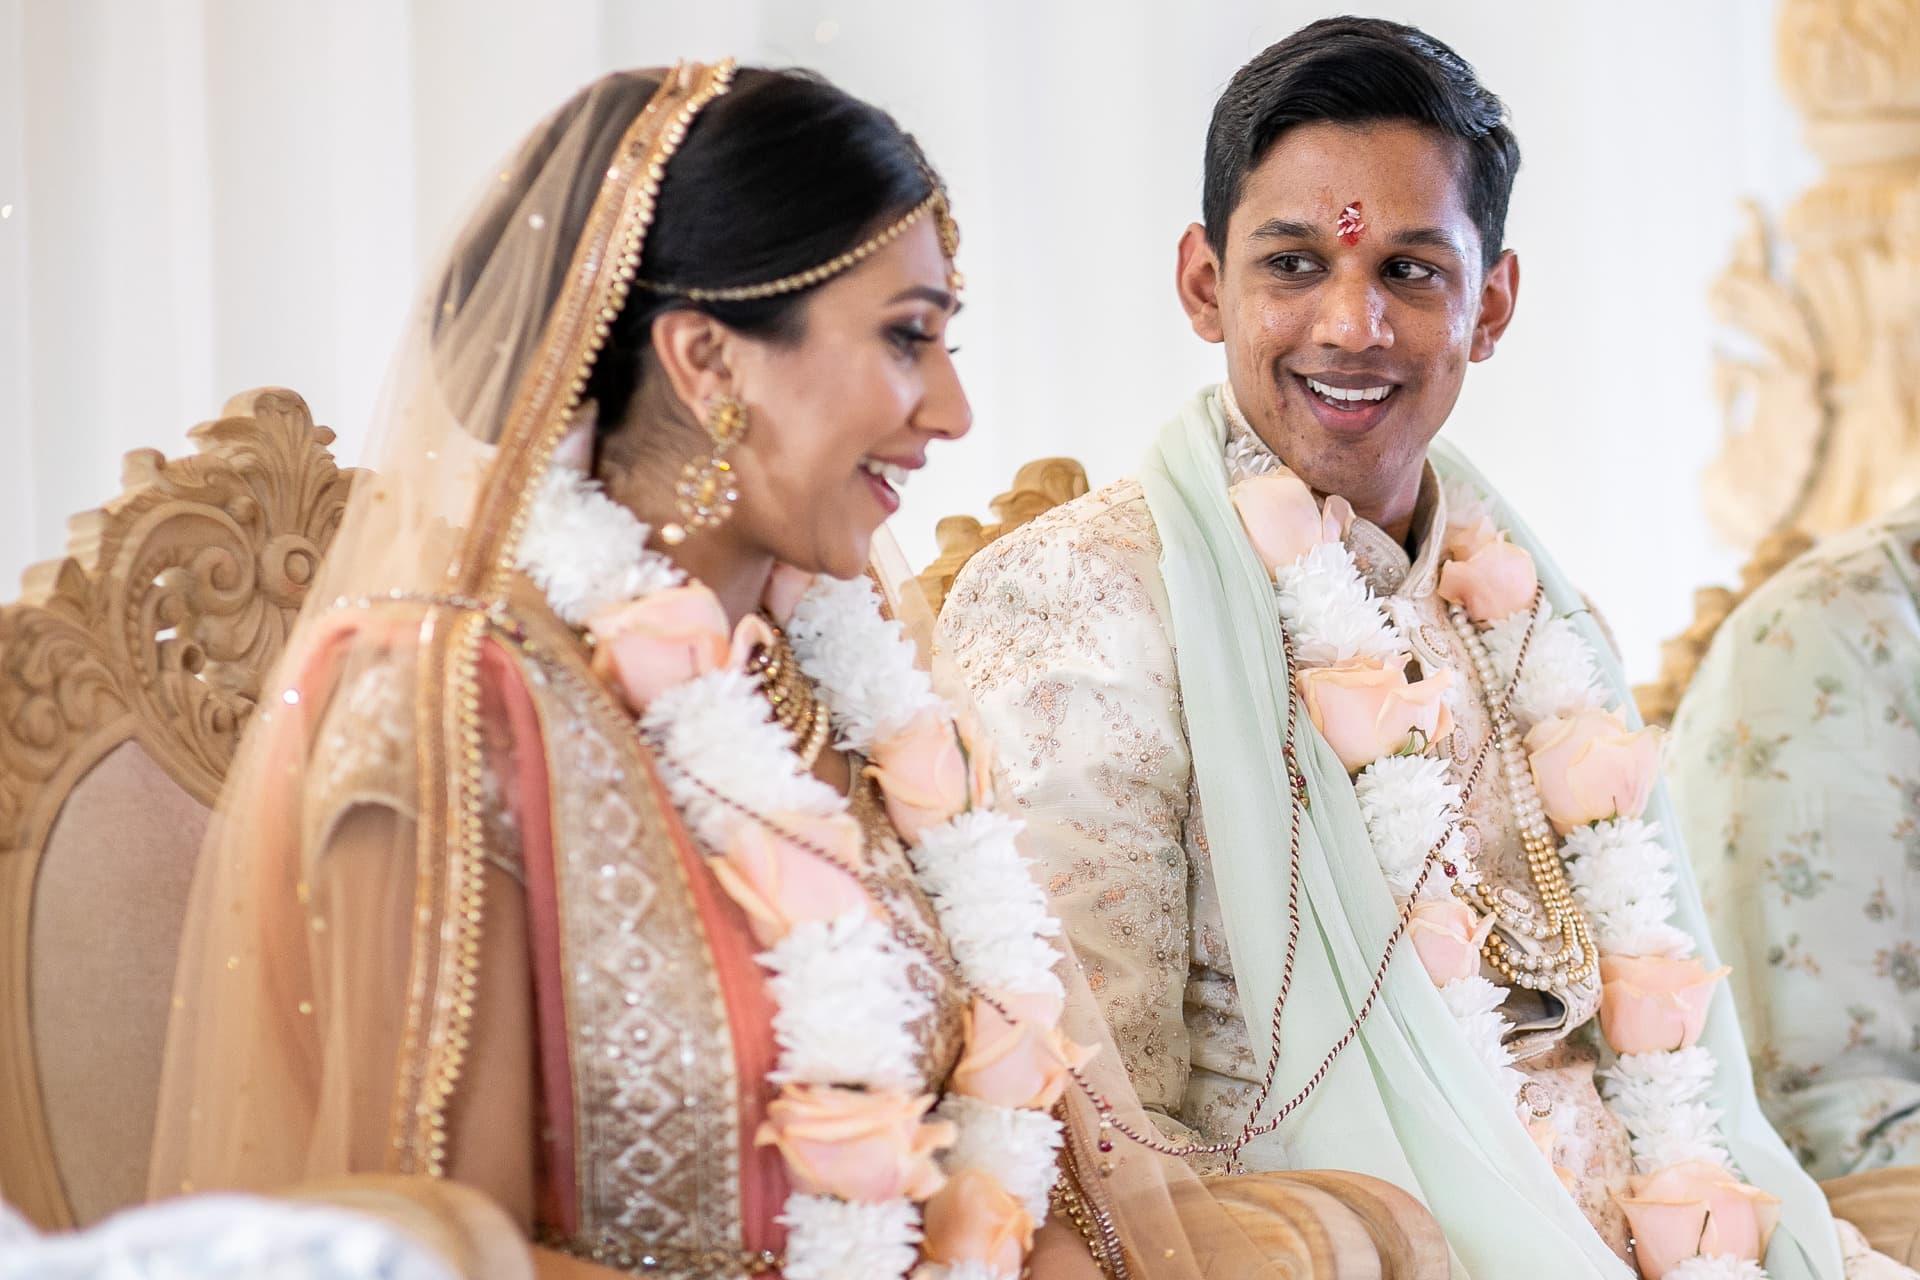 Hindu Groom looking at bride smiling